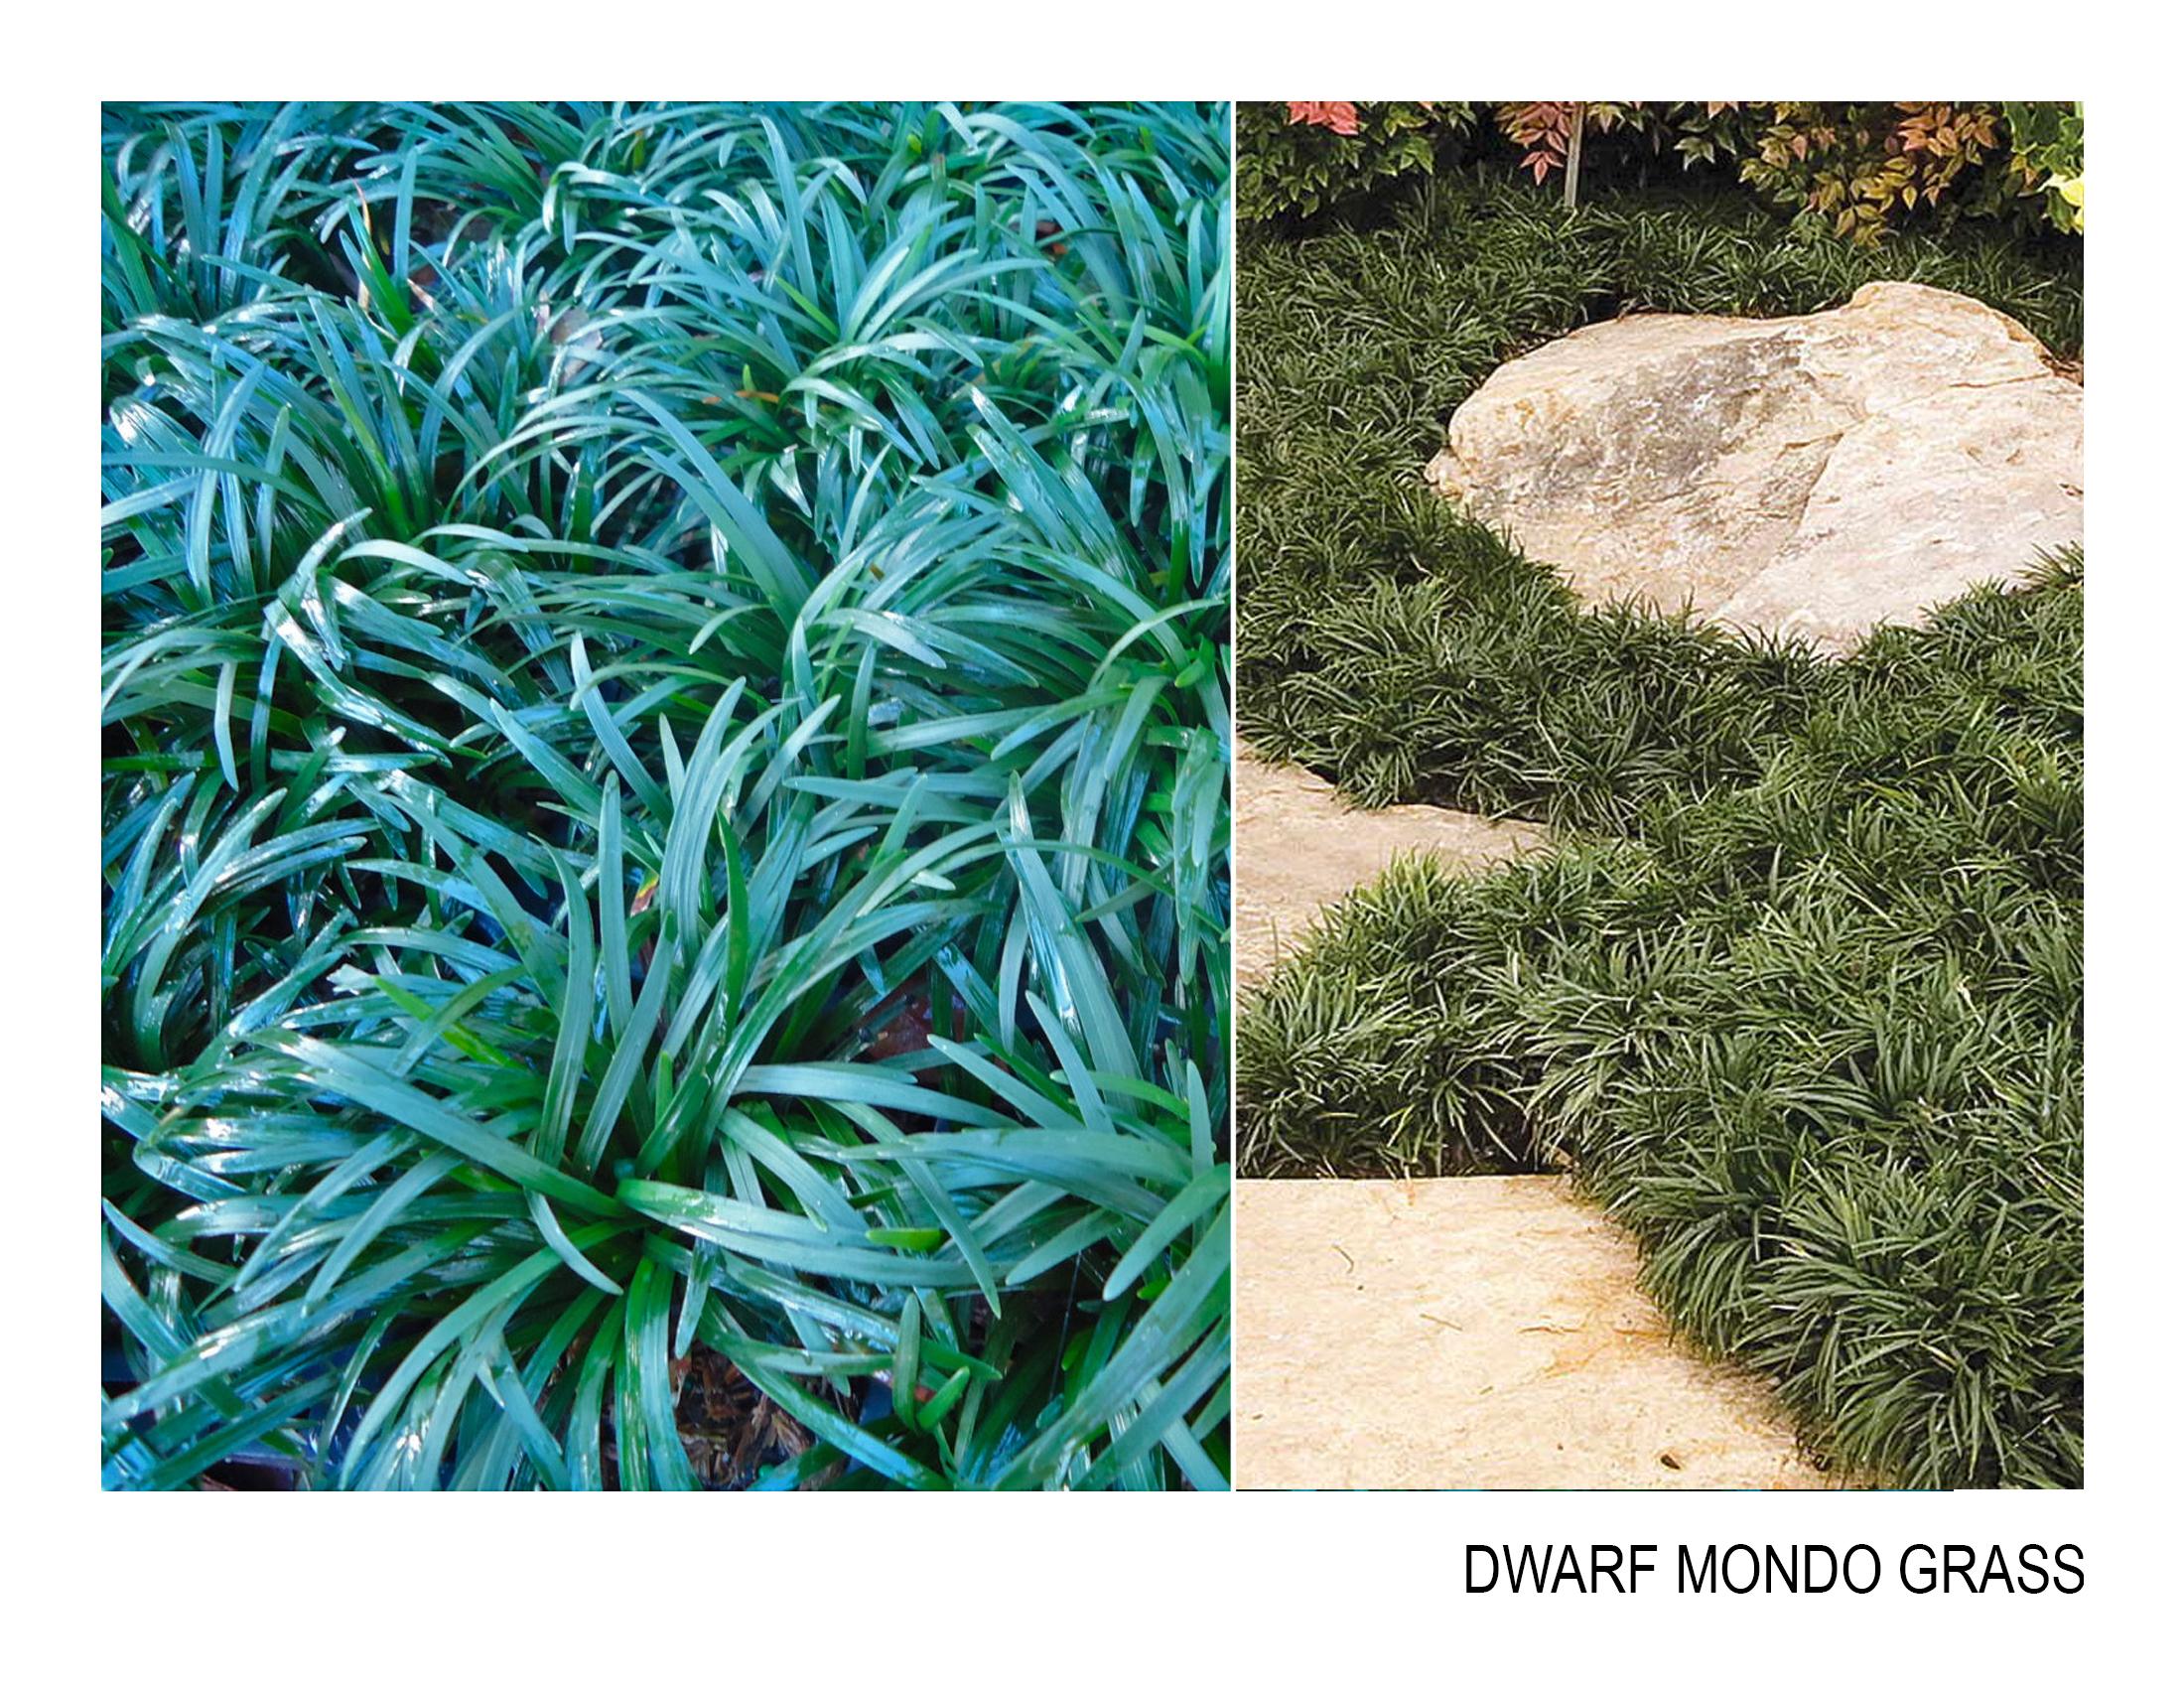 dwarf mondo grass.jpg